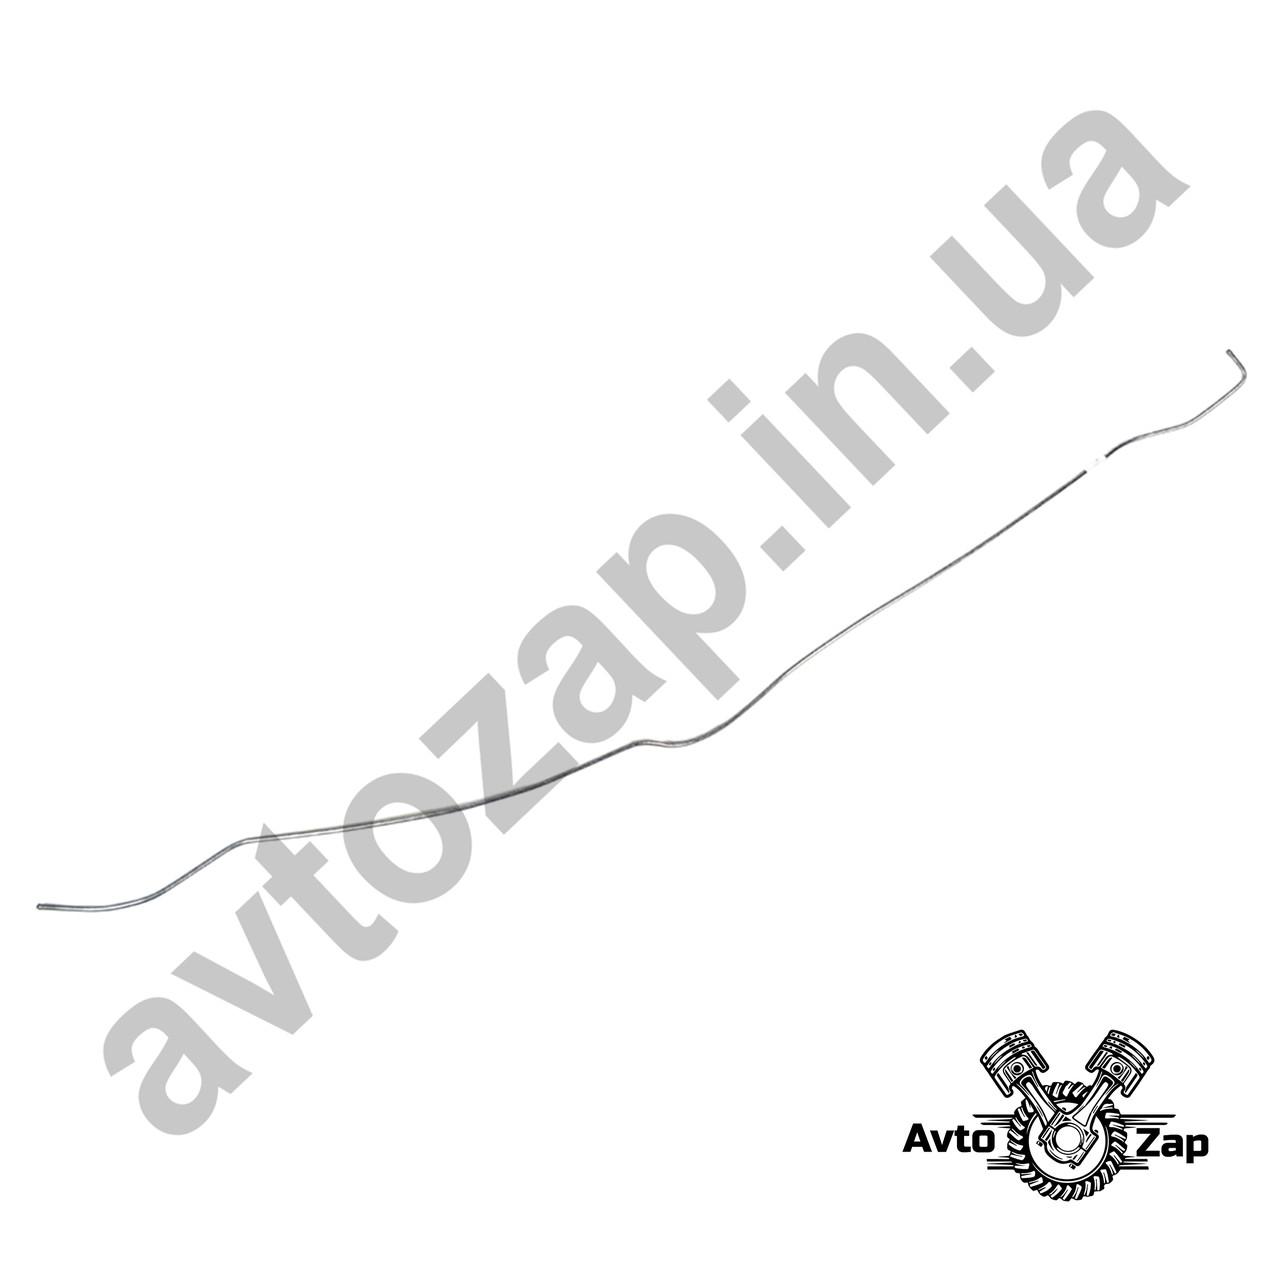 Трубка топливопровода ВАЗ 2101-07 магистральная      22439